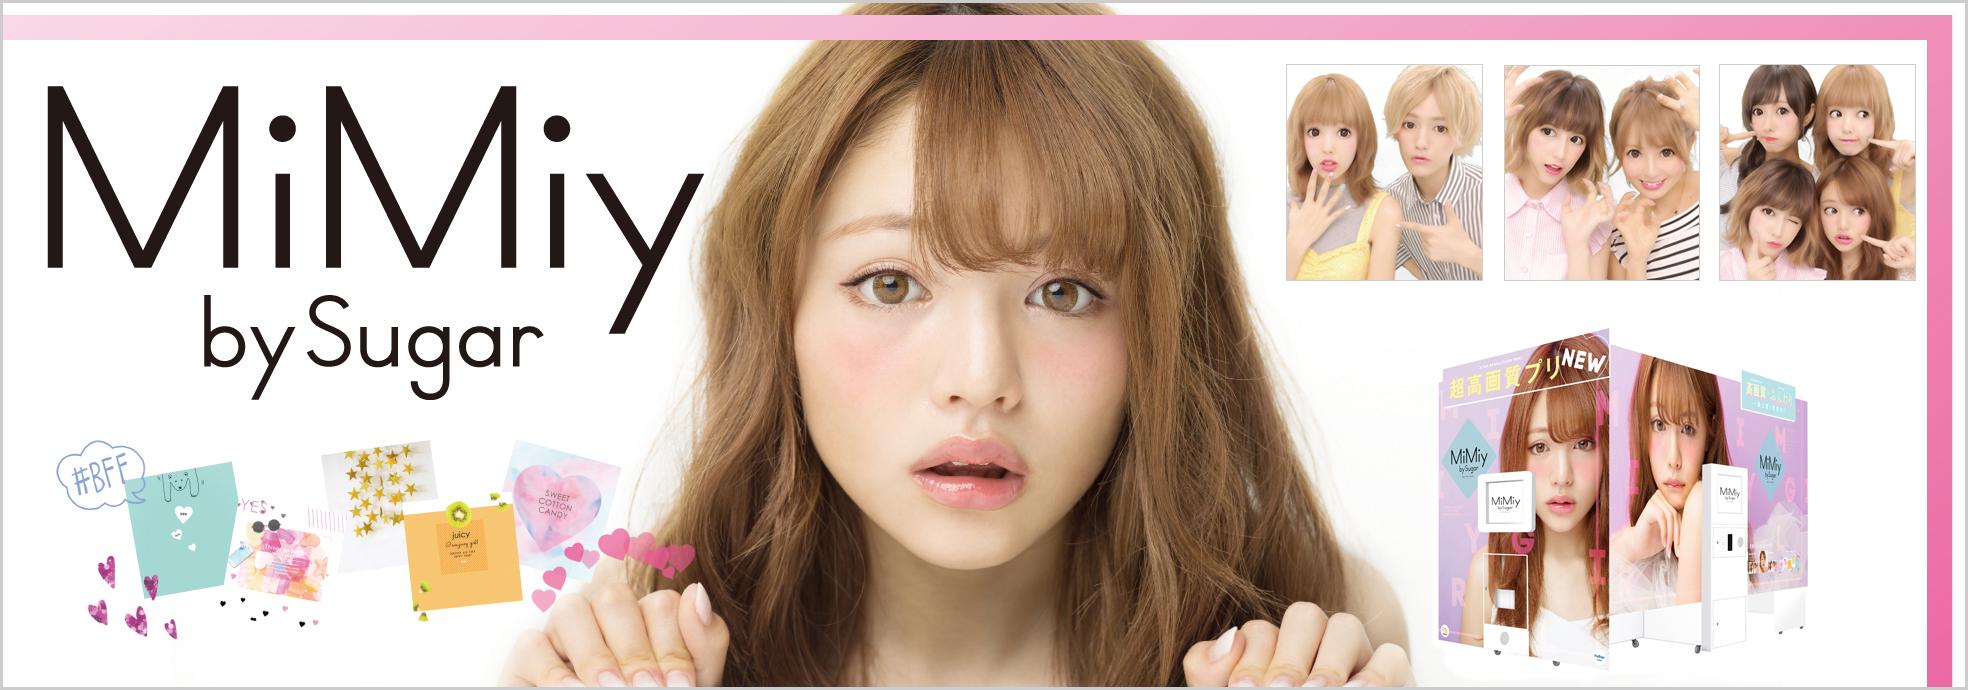 プリントシール機『MiMiy by Sugar』イメージ